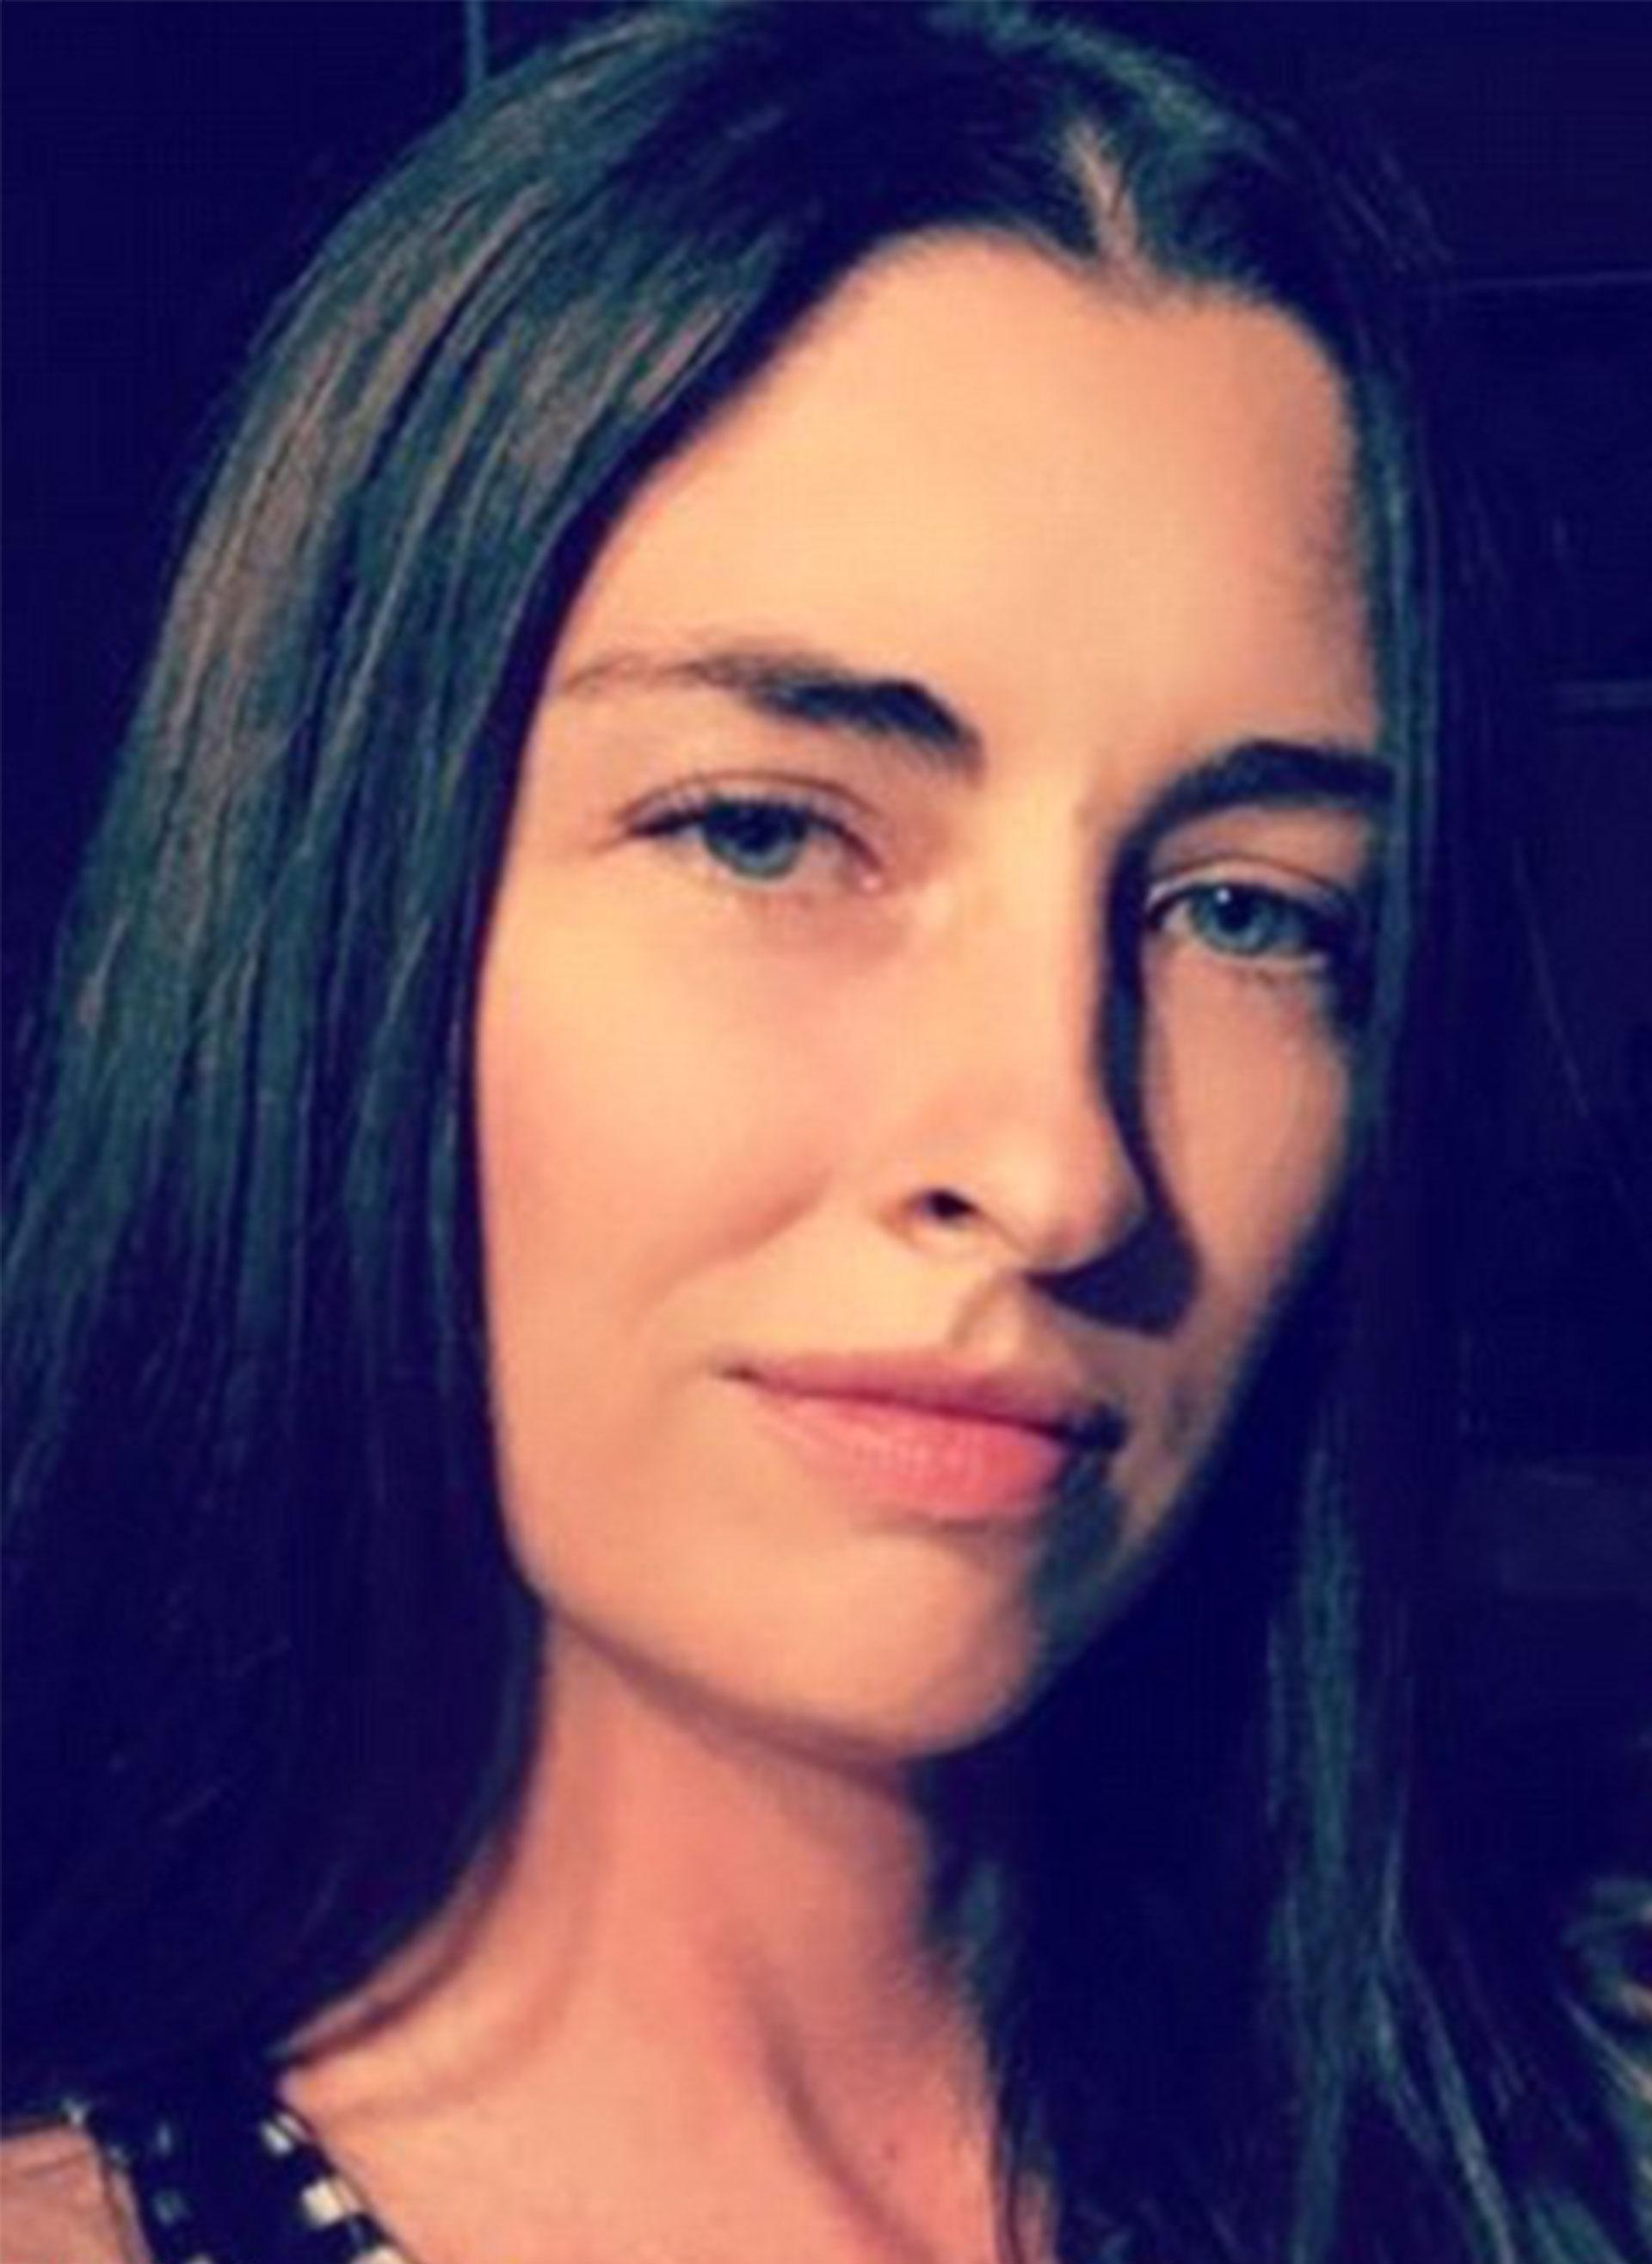 Rachael Parker tenía 33 años y falleció en el hospital